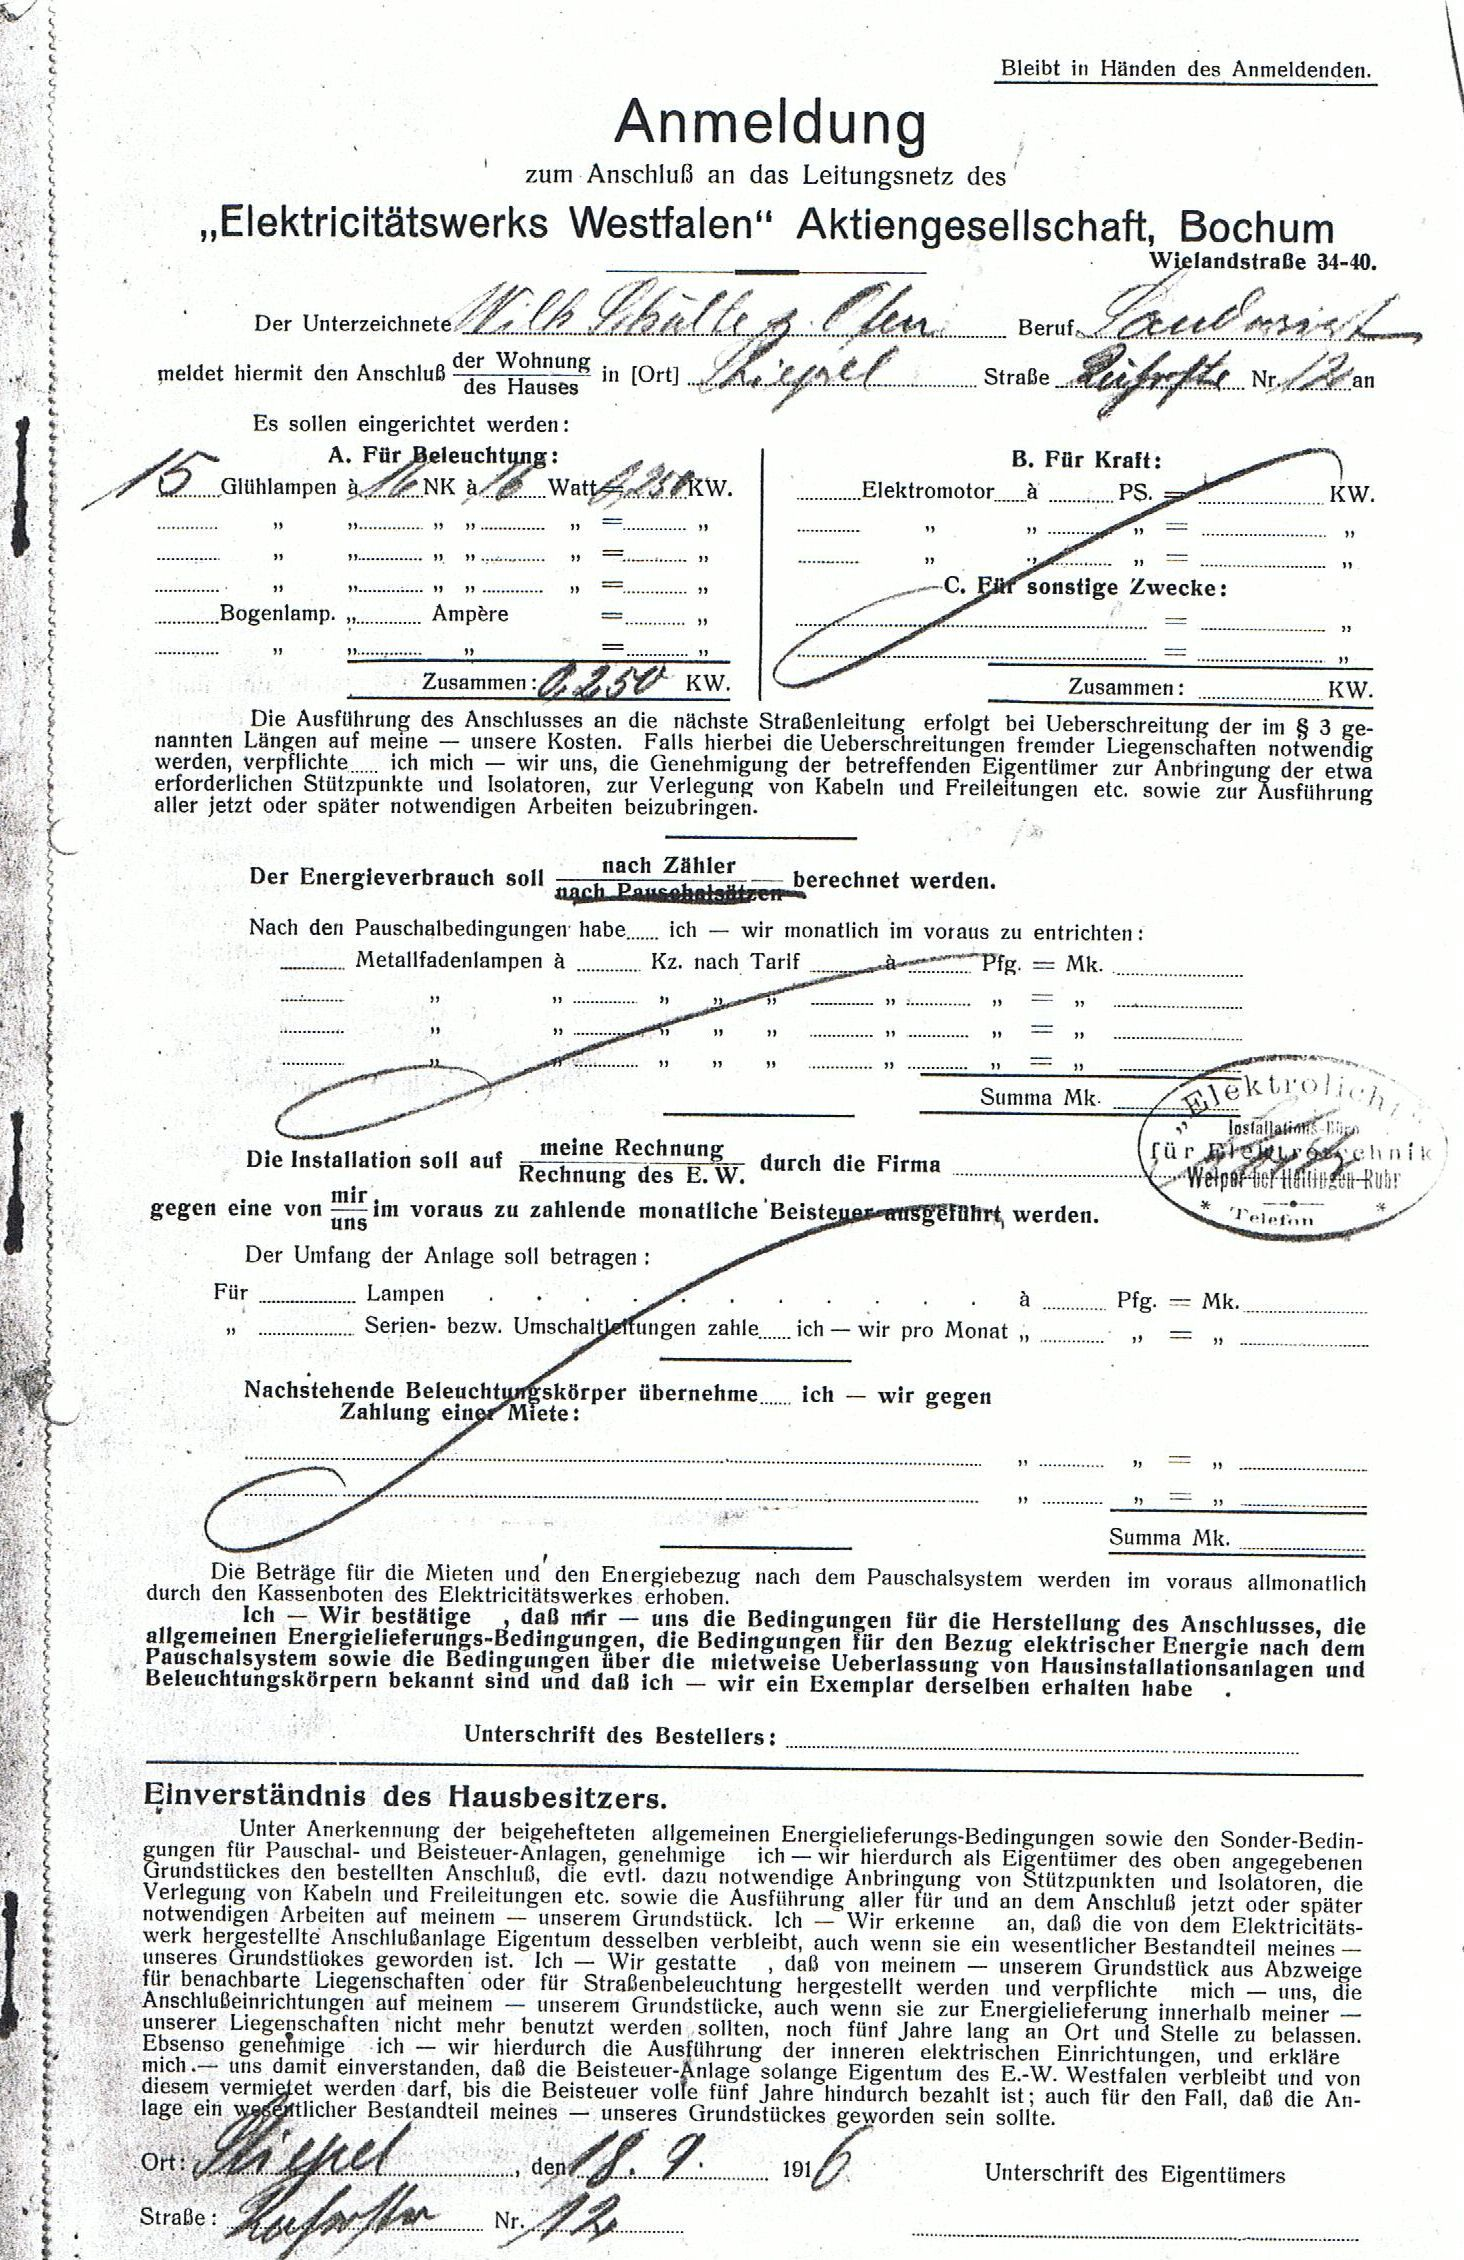 Eine Anmeldung zum Anschluss an das Leitungsnetz aus dem Jahr 1916